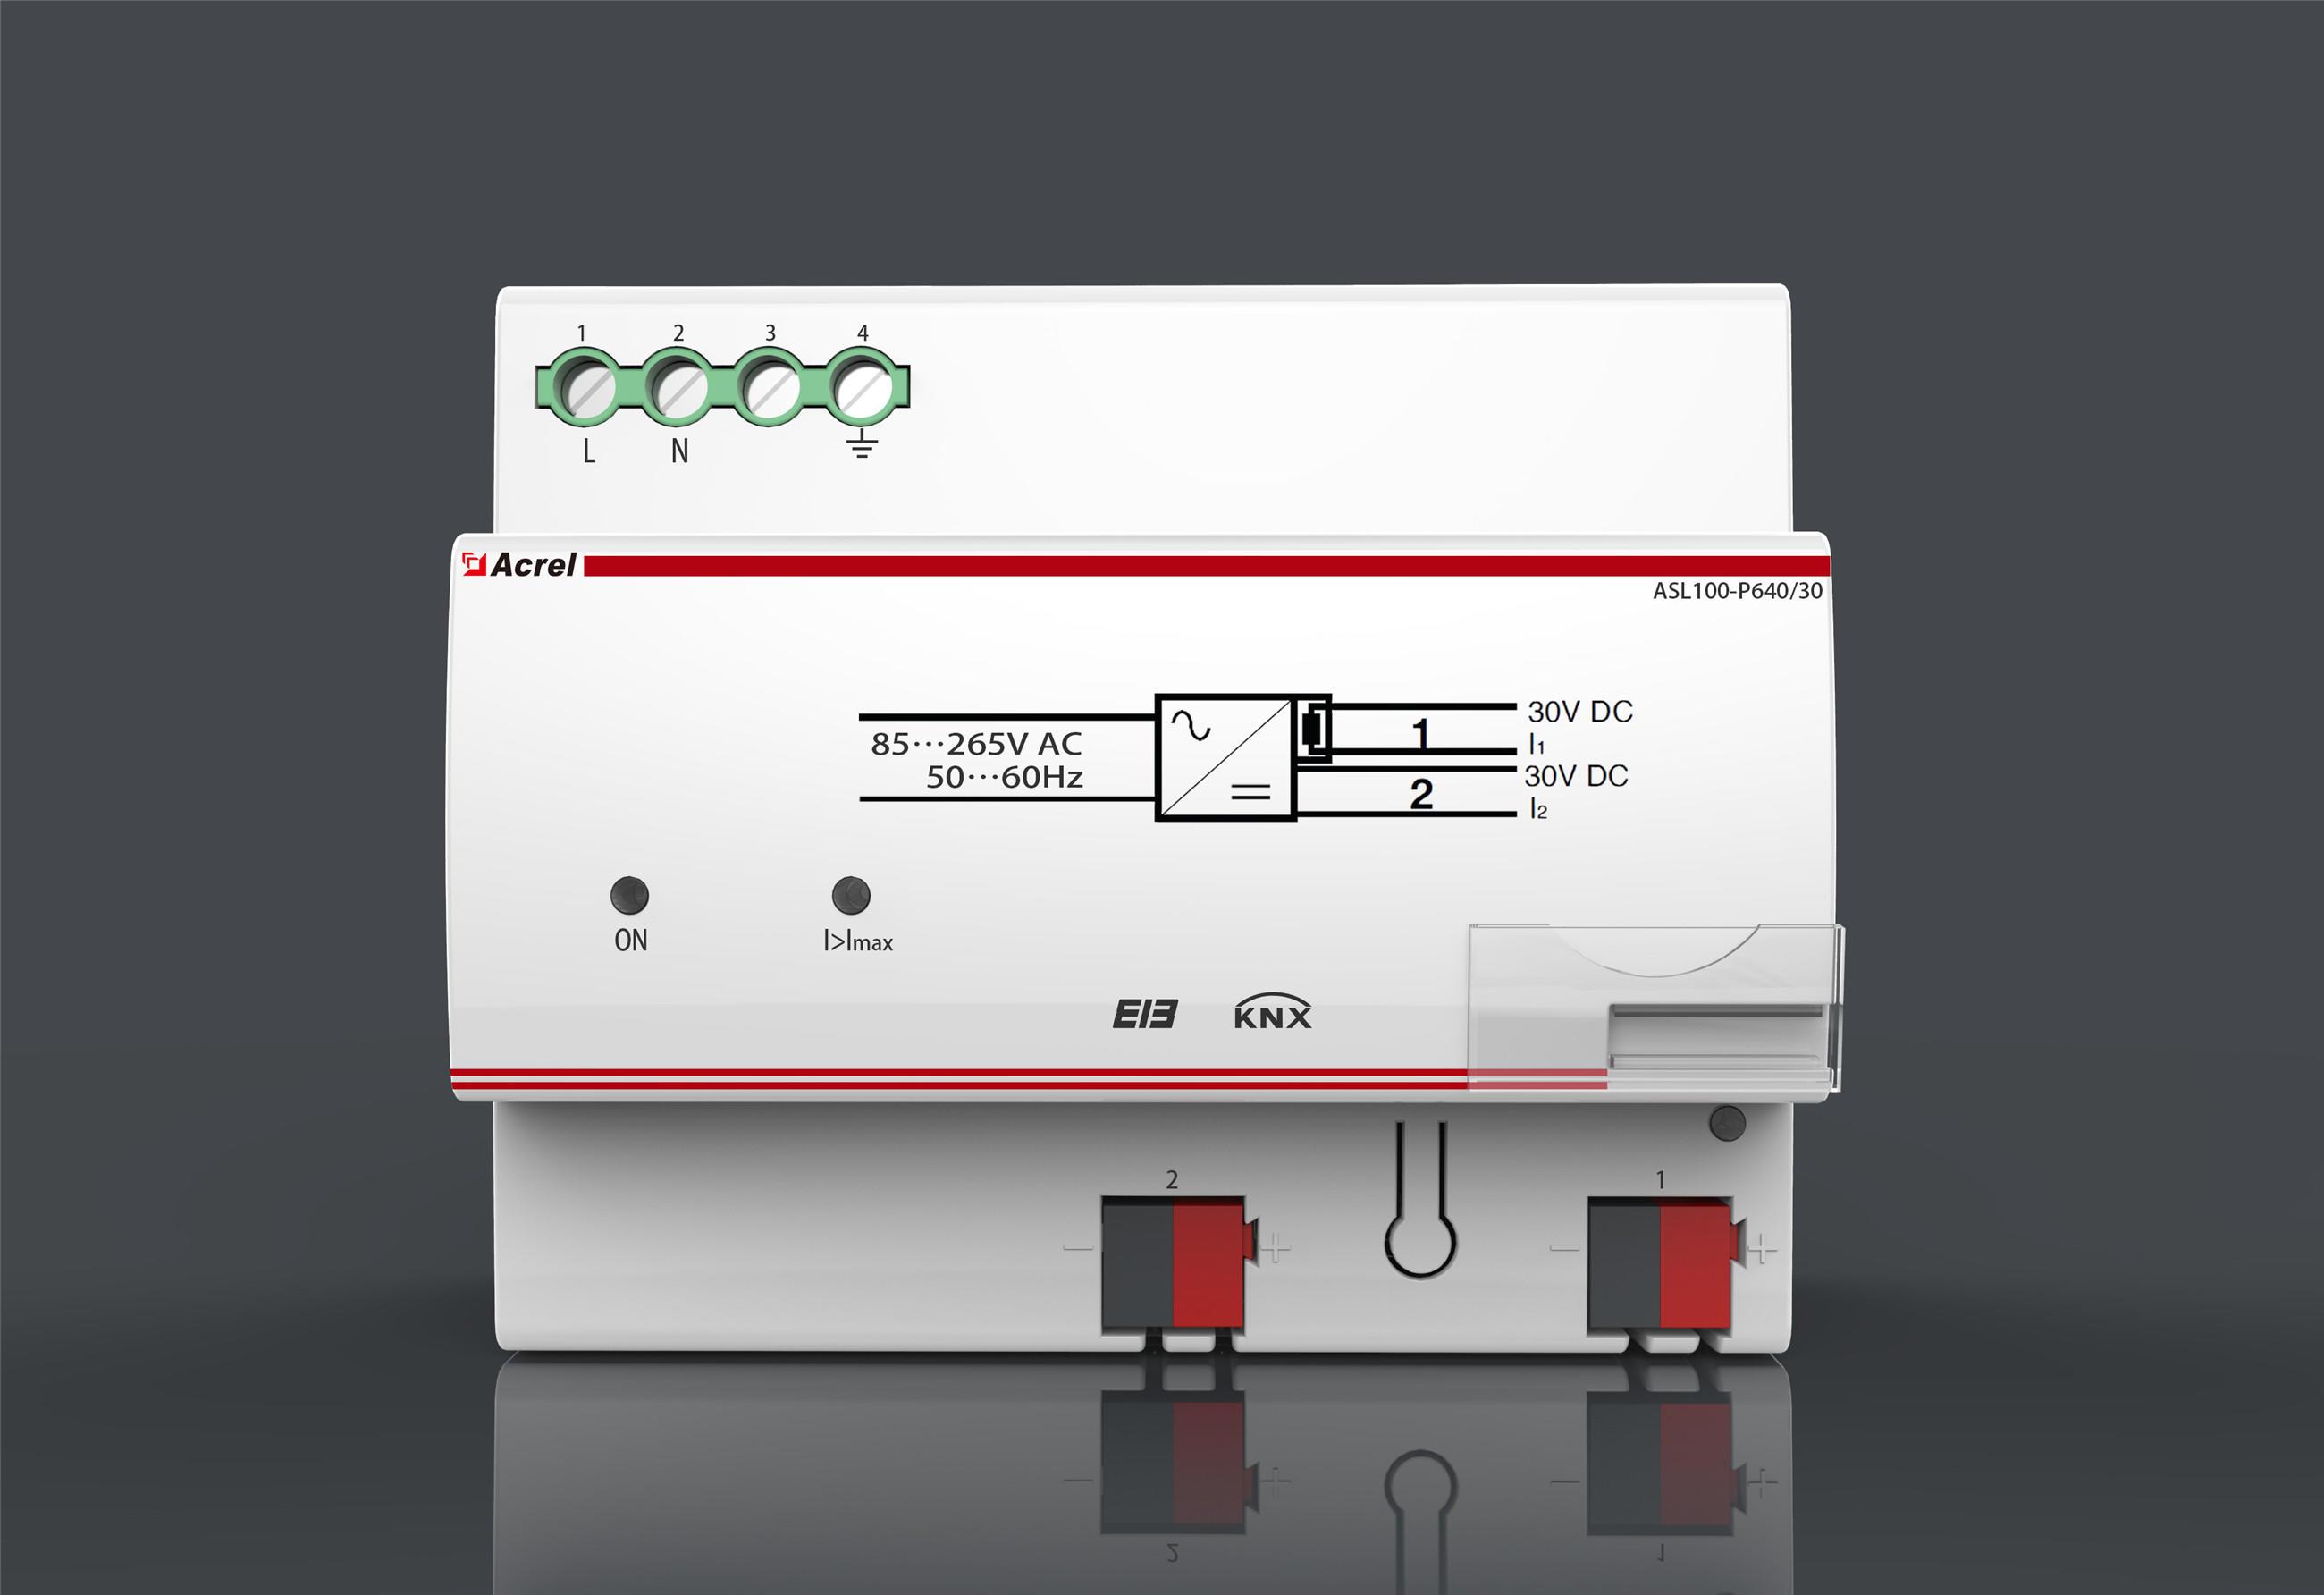 ASL100-P640/30智能照明总线电源安科瑞智能照明控制系统模块